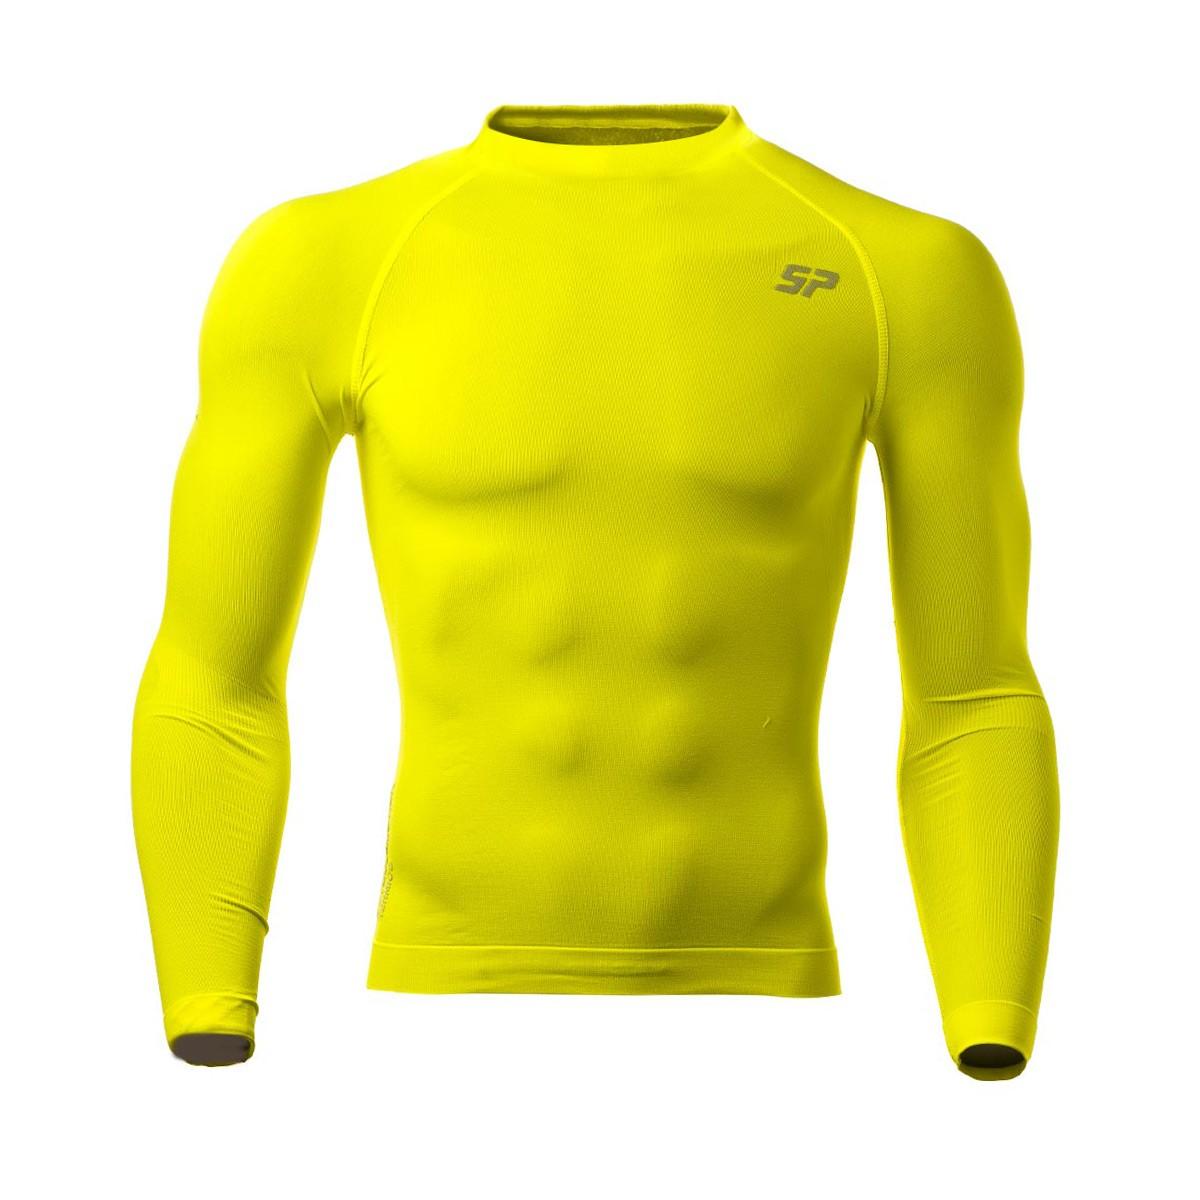 cf48ad17c Camiseta SP Fútbol Térmica Doble Densidad Amarillo Flúor - Tienda de fútbol  Fútbol Emotion